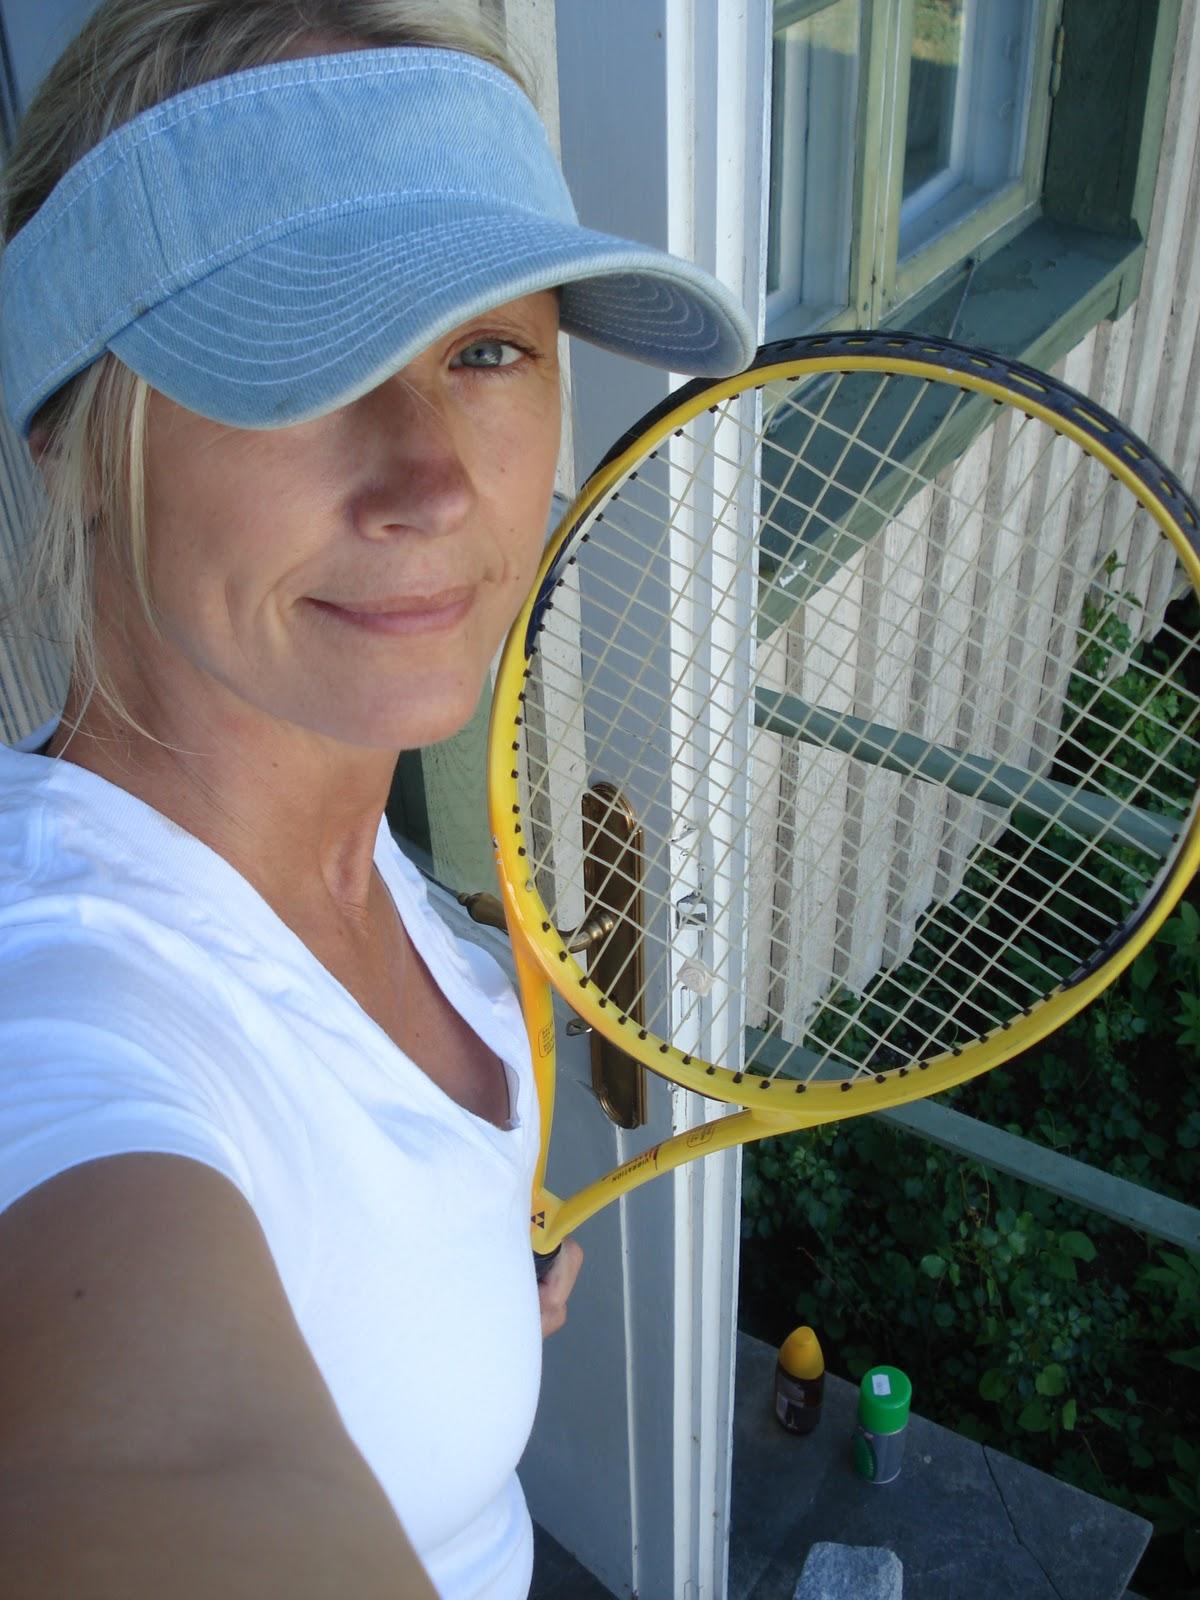 För två somrar sedan gick jag på tennisskola i Båstad. Jag gick in för det  hårt. Väldigt hårt a071c0e082ca2